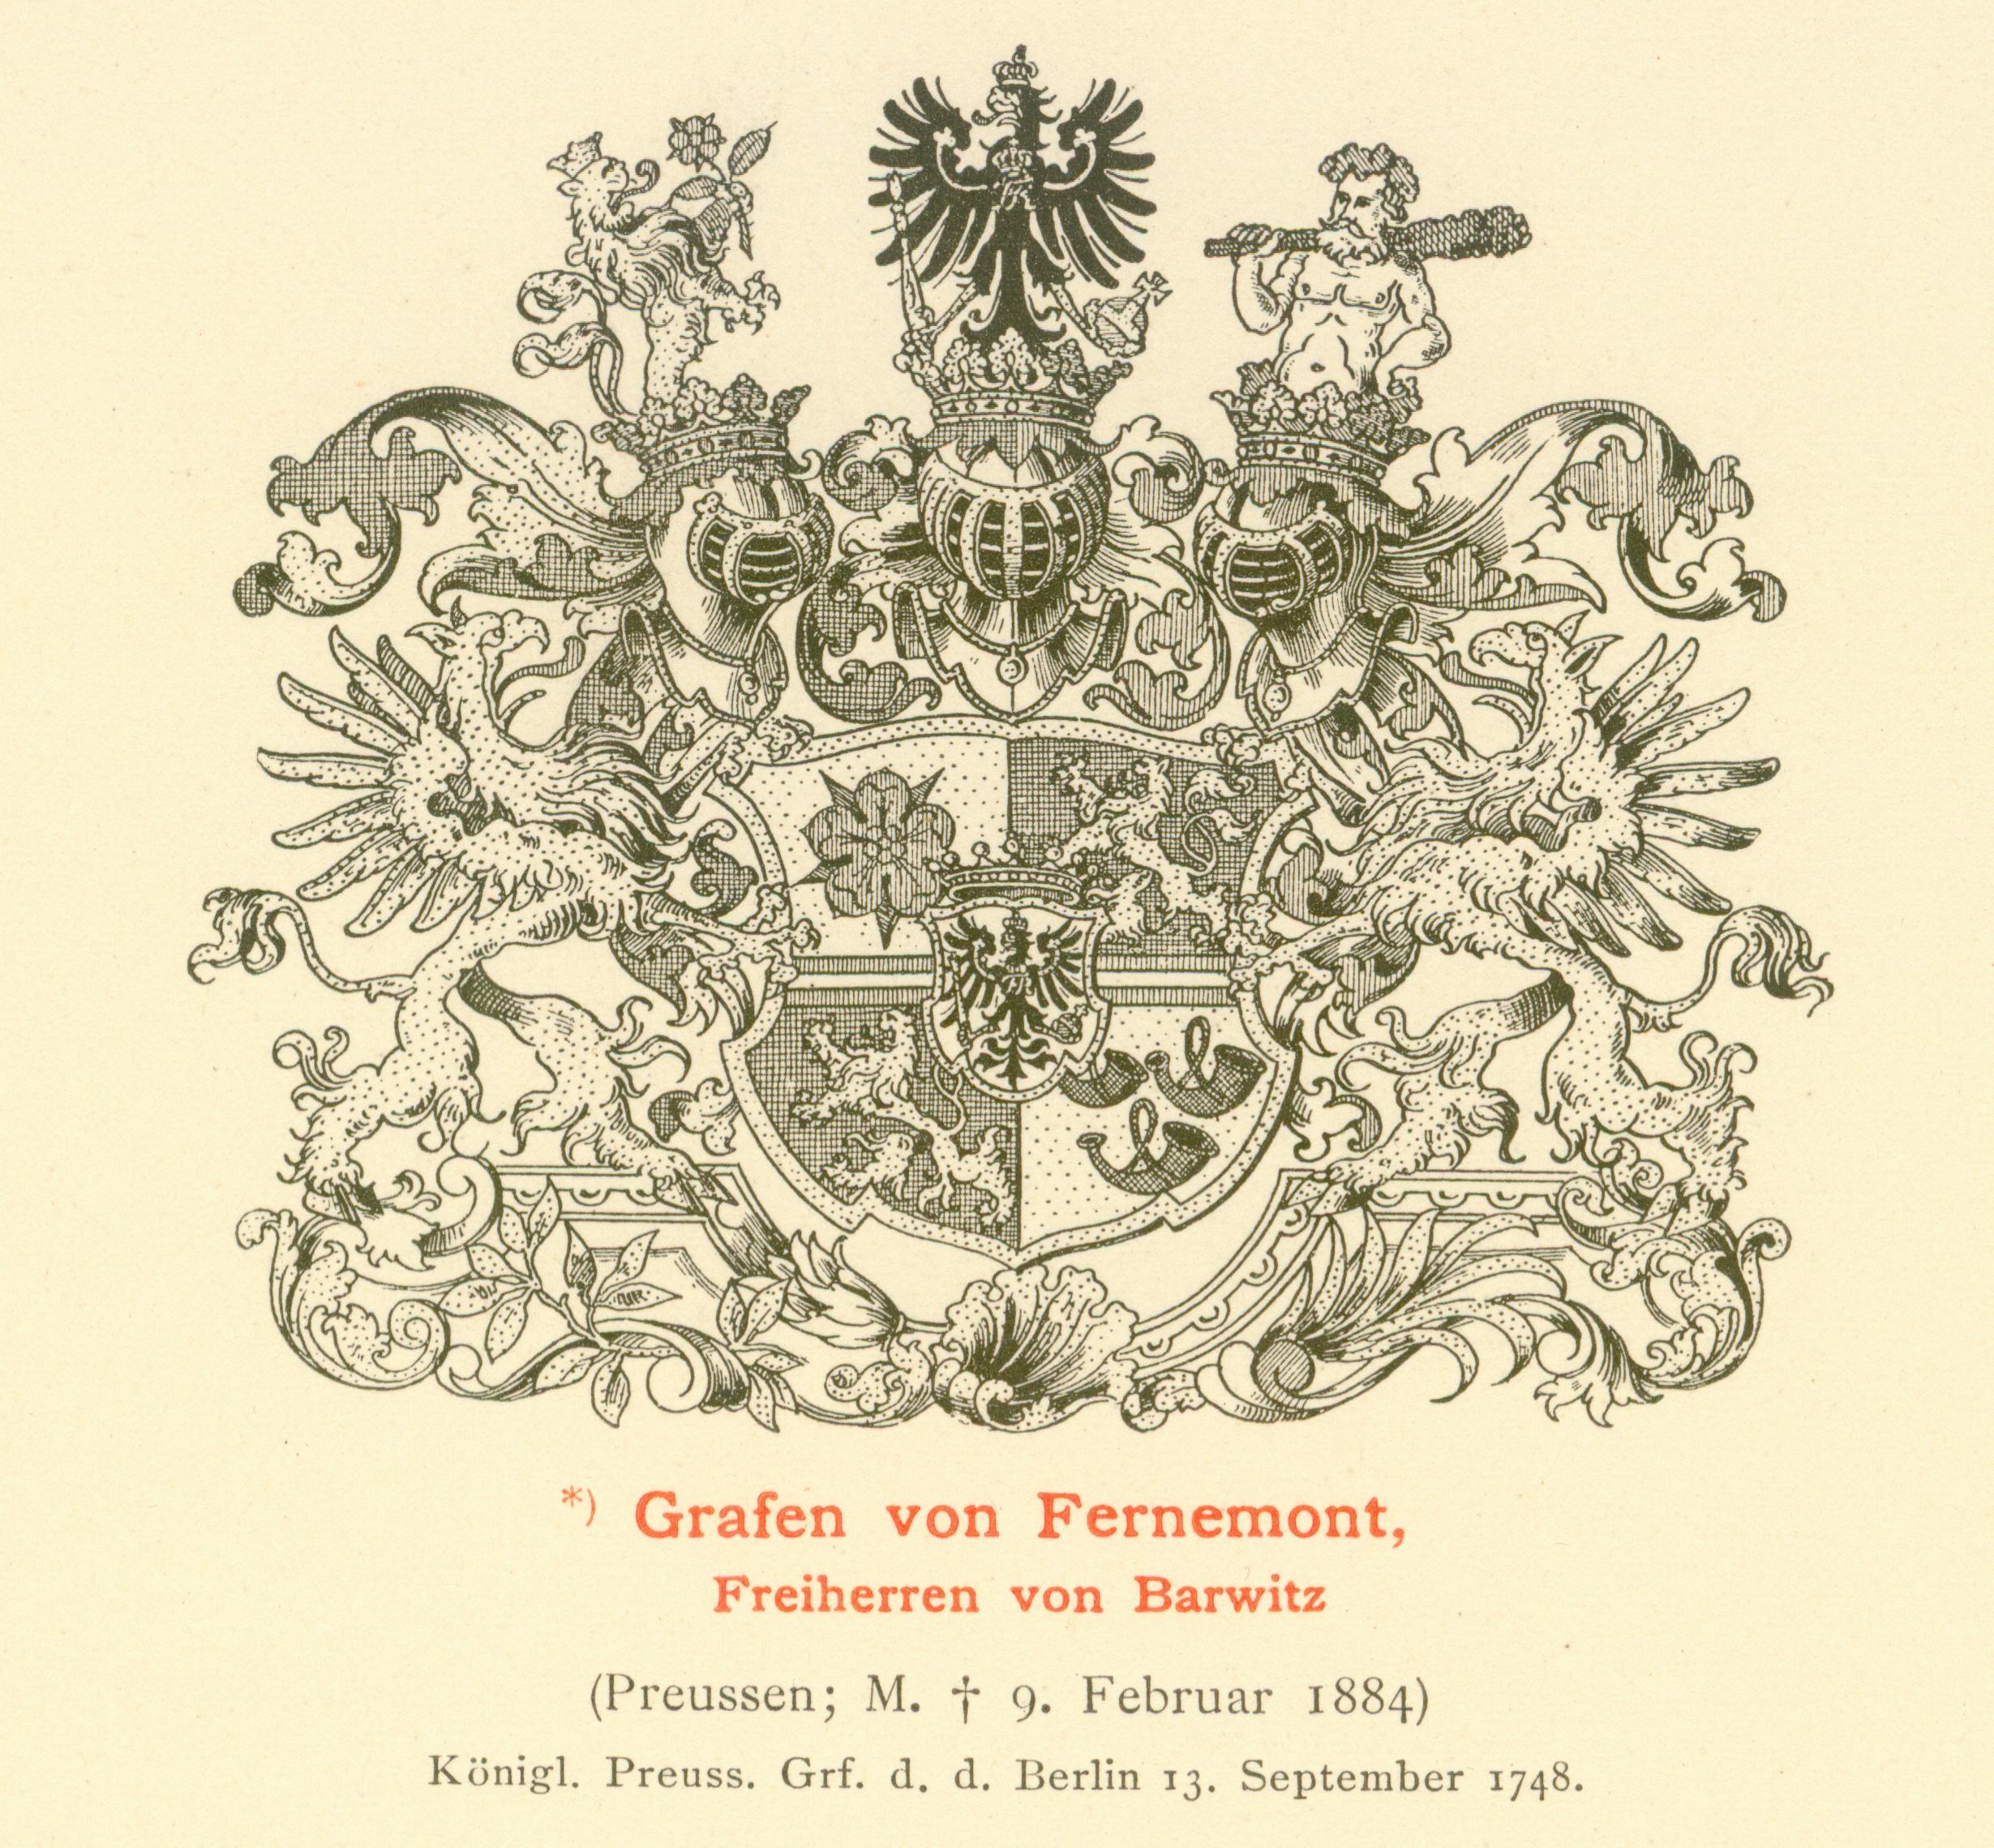 Fernemont von Barwitz